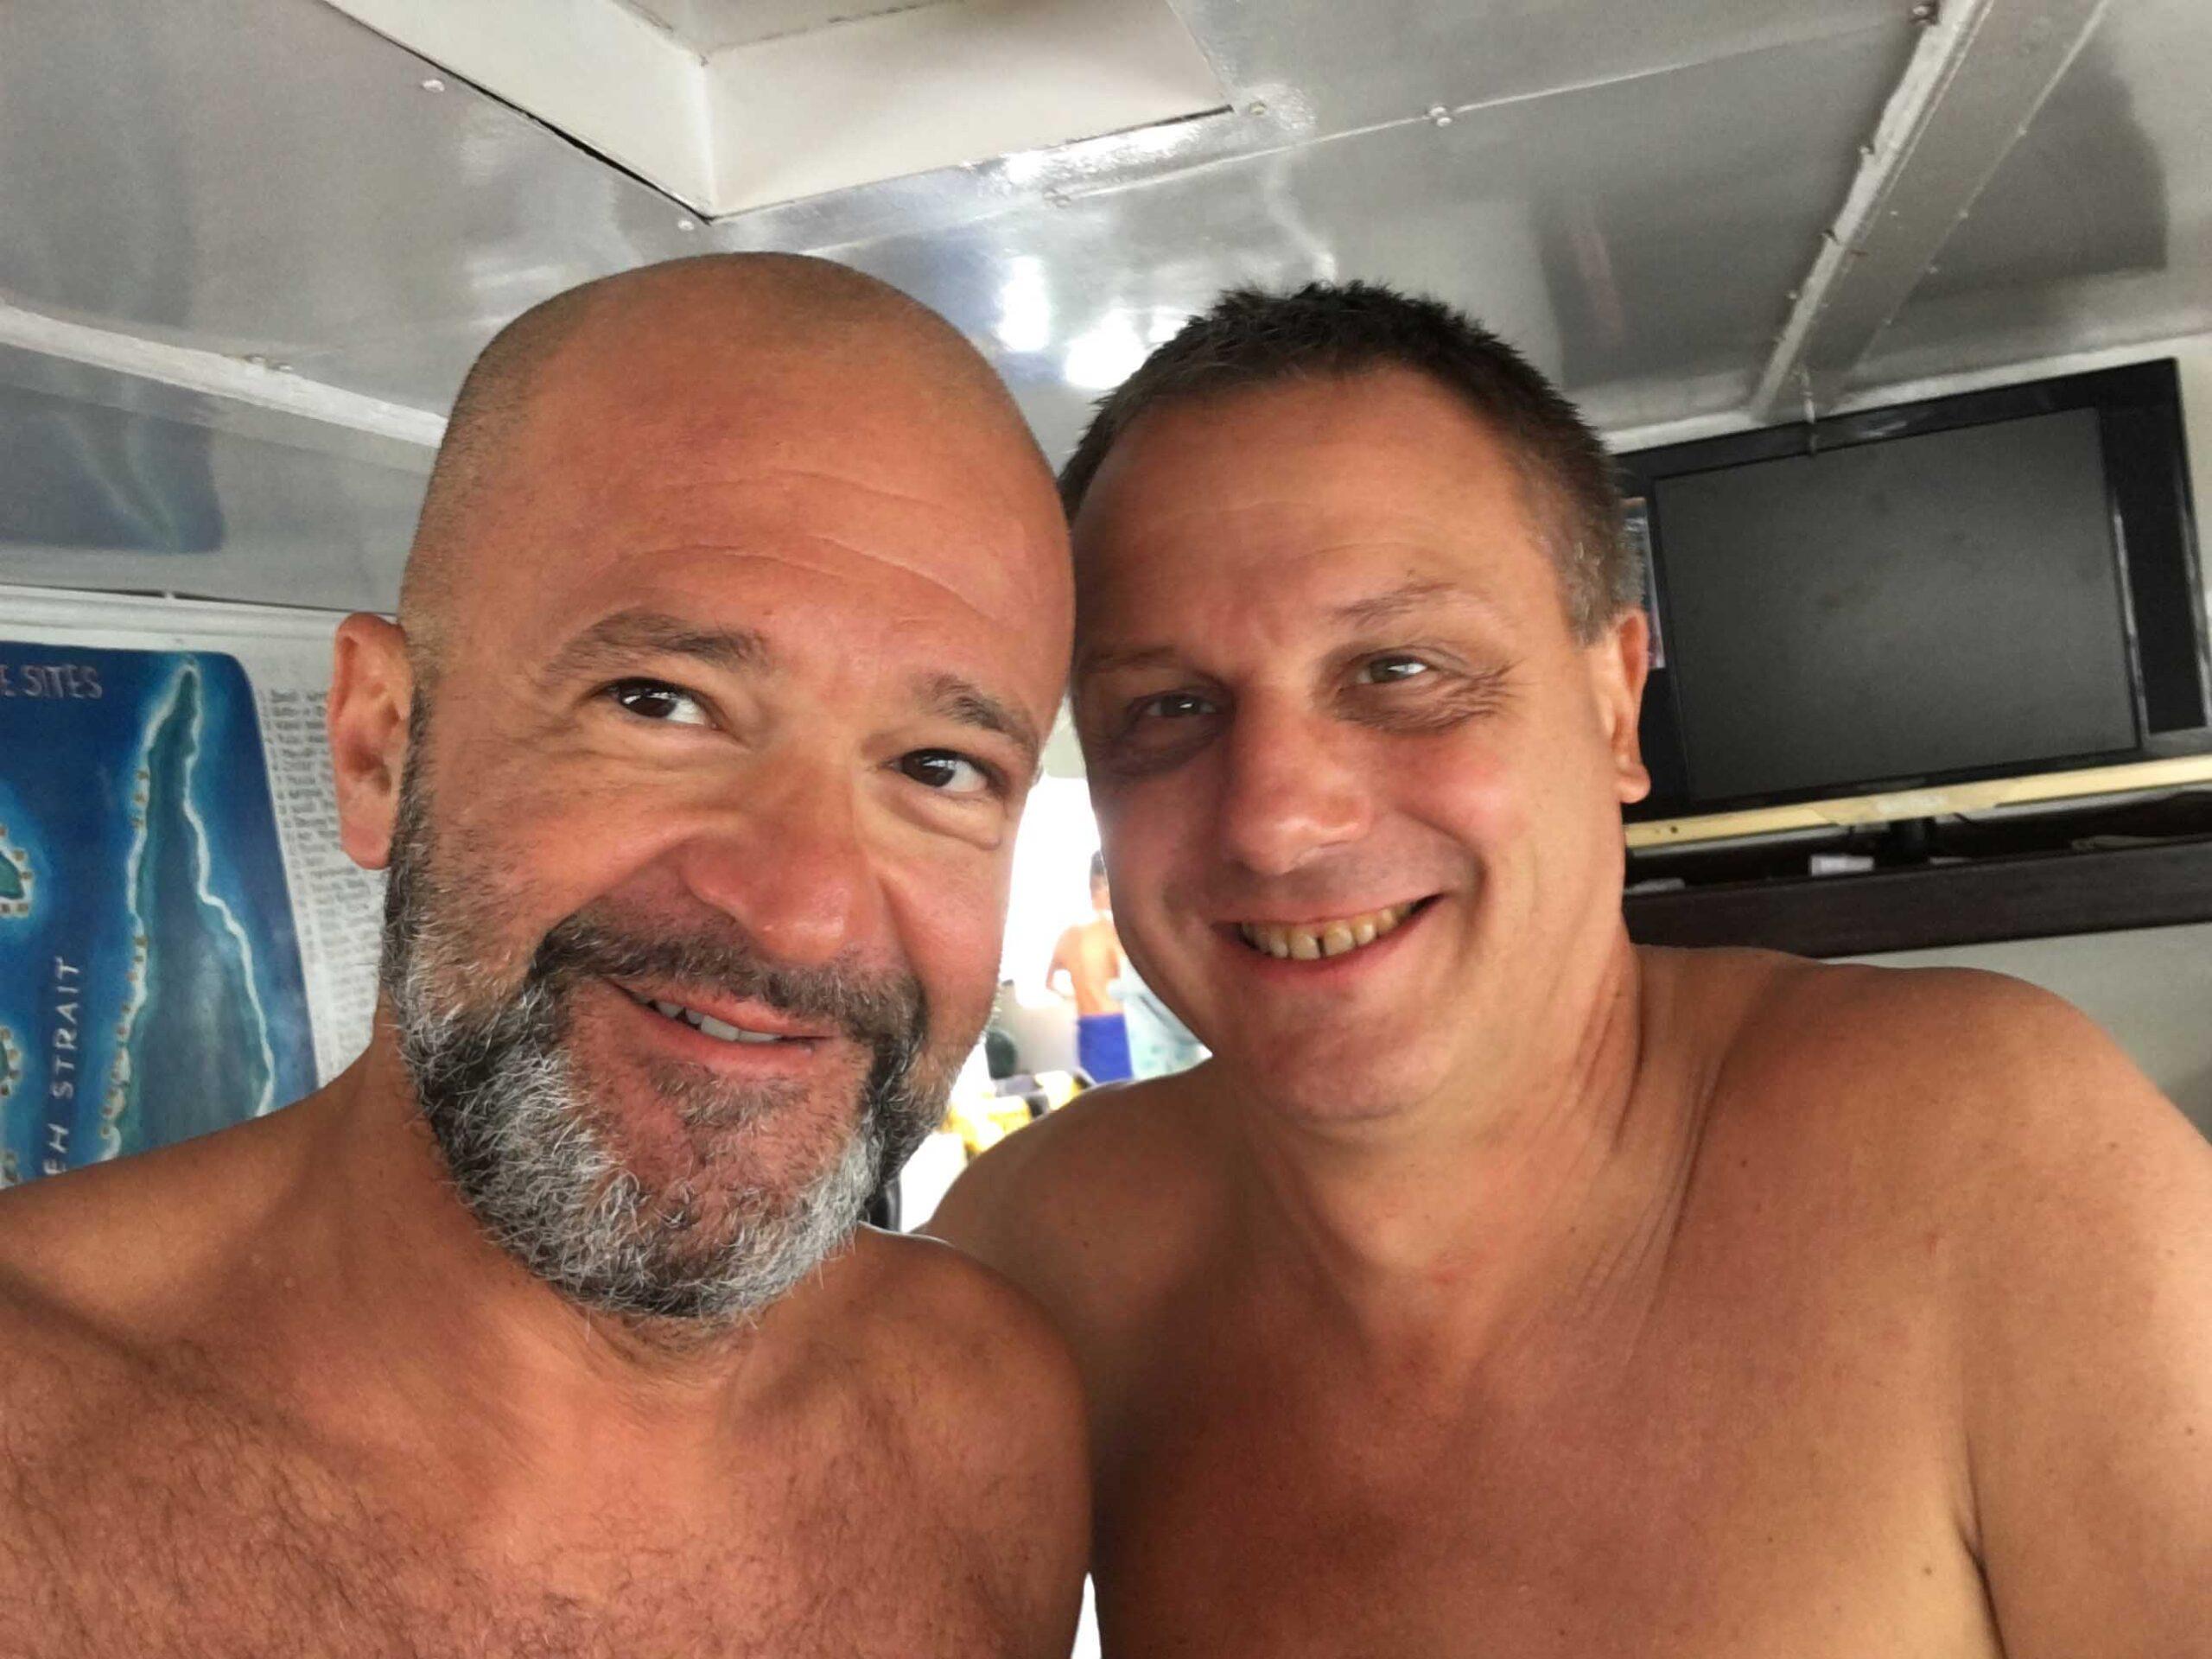 """Io e Andrea Bensi, Benny per gli amici, o semplicemente """"Lo Zio"""". Lo aspettavano a Manado, nel Nord Sulawesy, dove era appena diventato partner di Celebes Divers che gestiva un paio di diving center con annessi resort per i subacquei."""